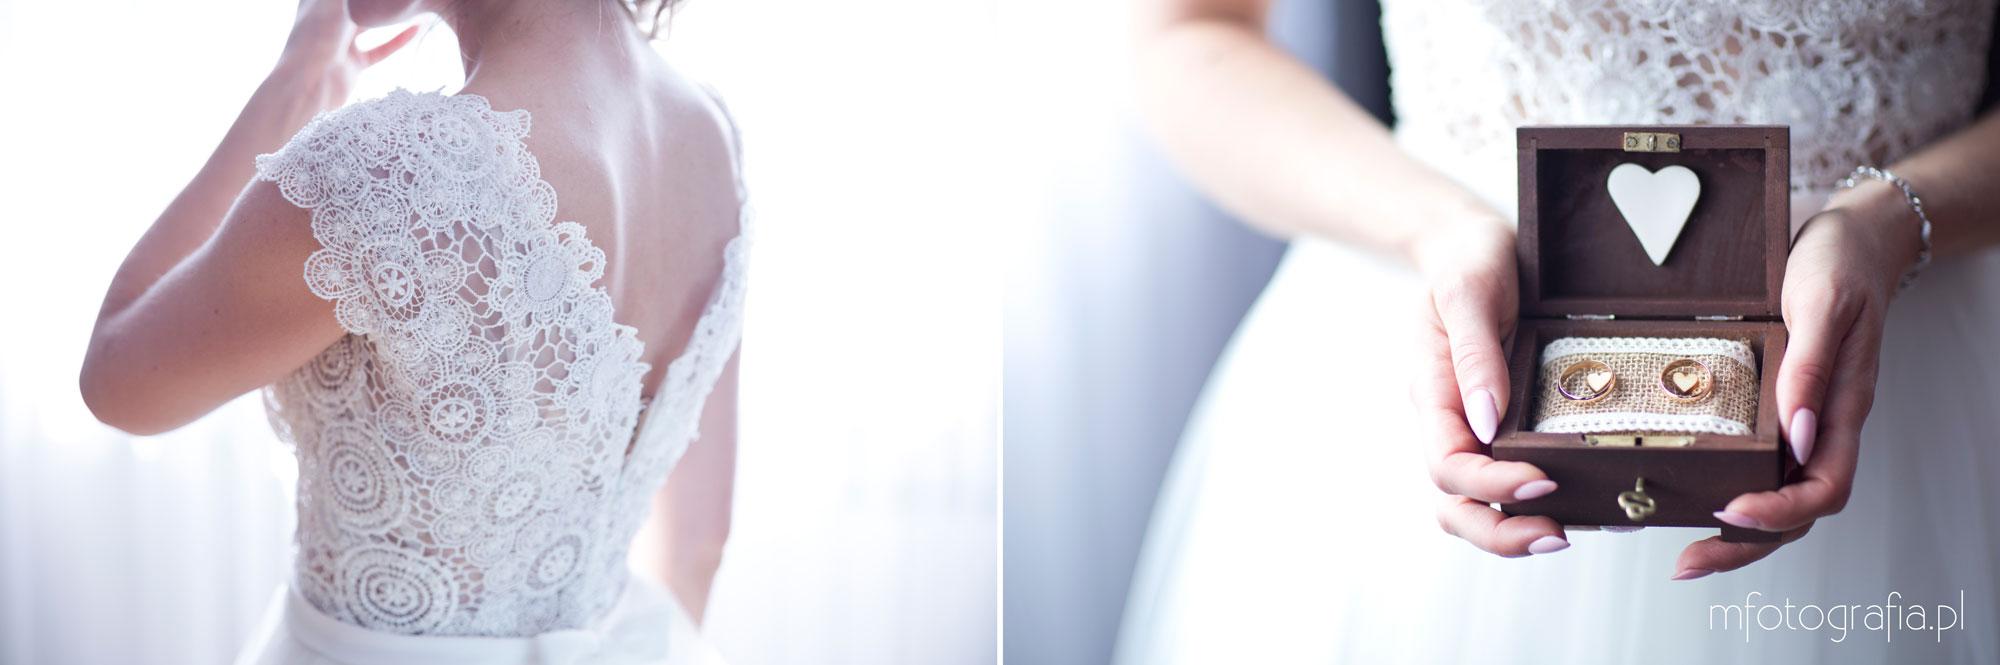 obraczki i suknia ślubna